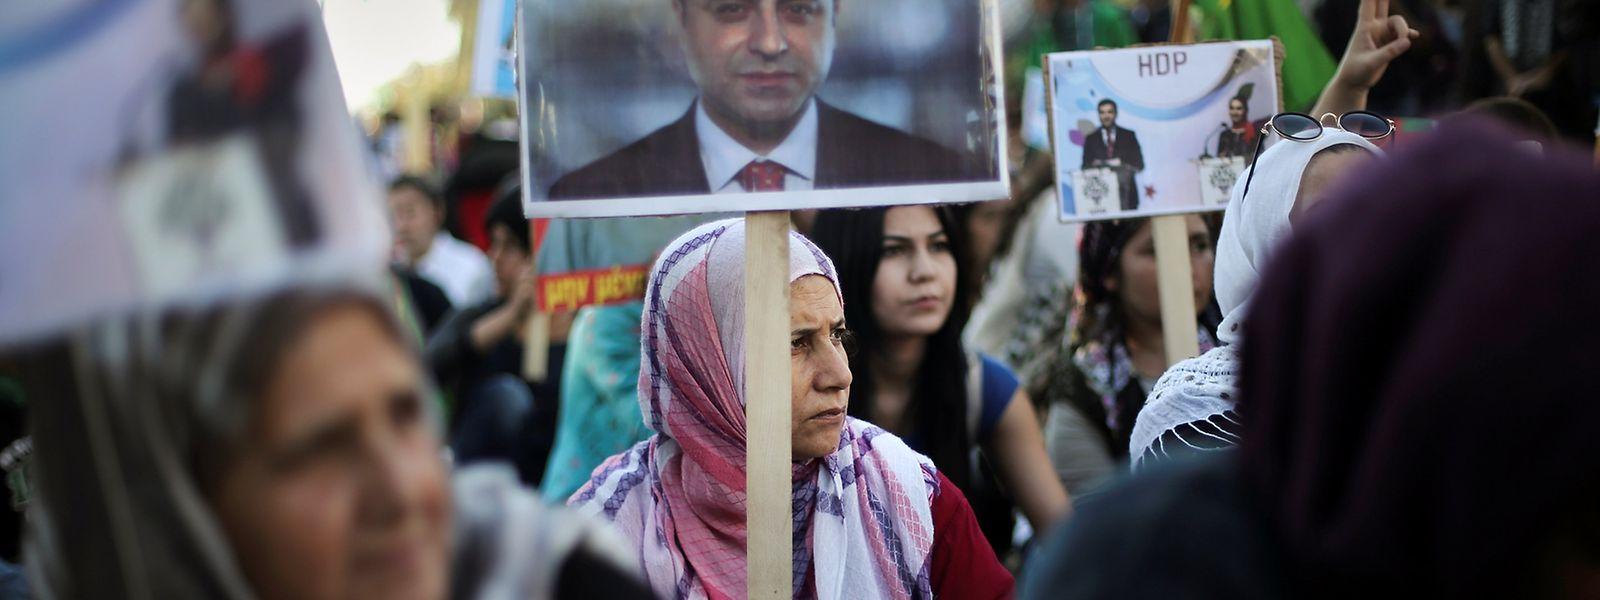 Eine Demonstrantin hält bei einer Kundgebung in Griechenland ein Bild des inhaftierten HDP-Chefs Selahattin Demirtas hoch.